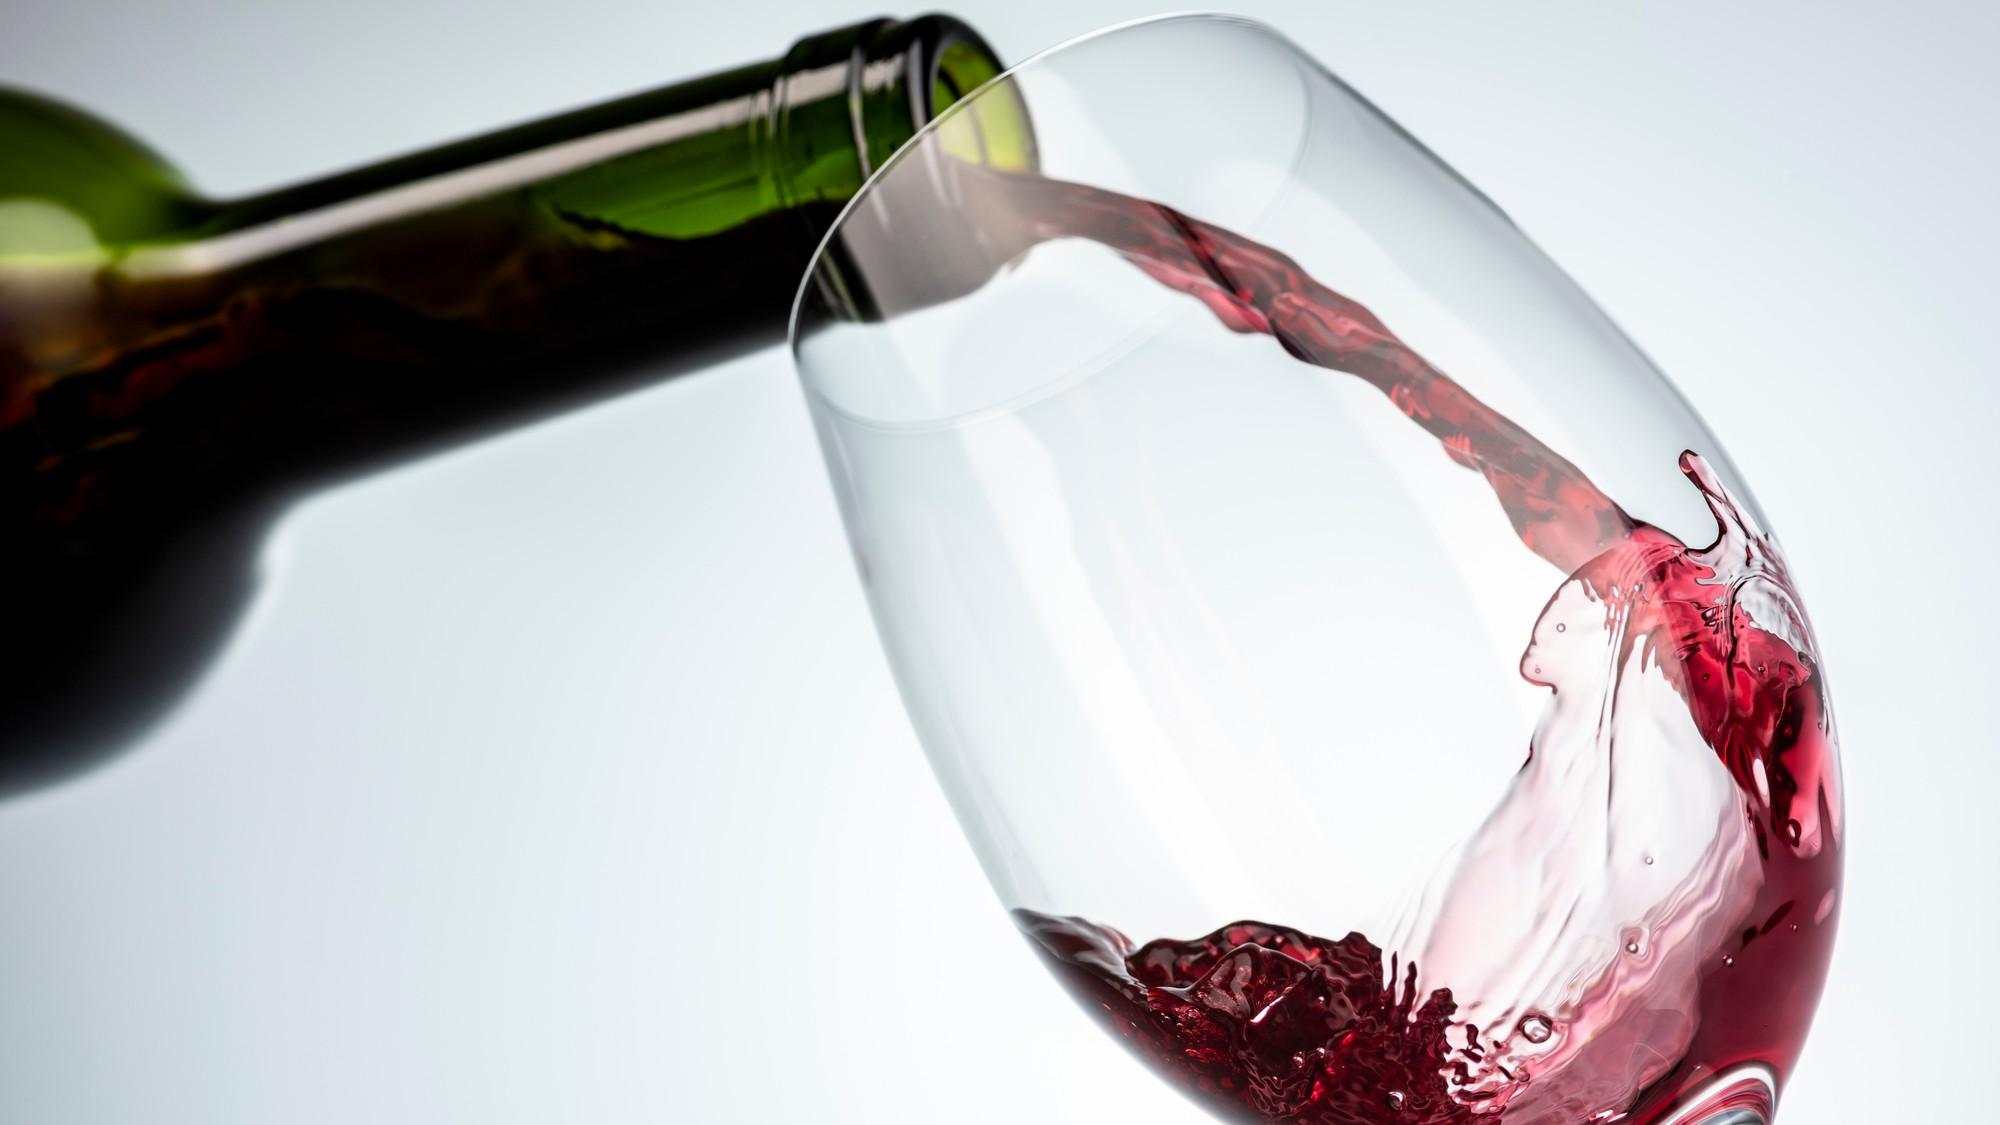 ワイン投資で狙うべき「ブルーチップワイン」その希少性の理由